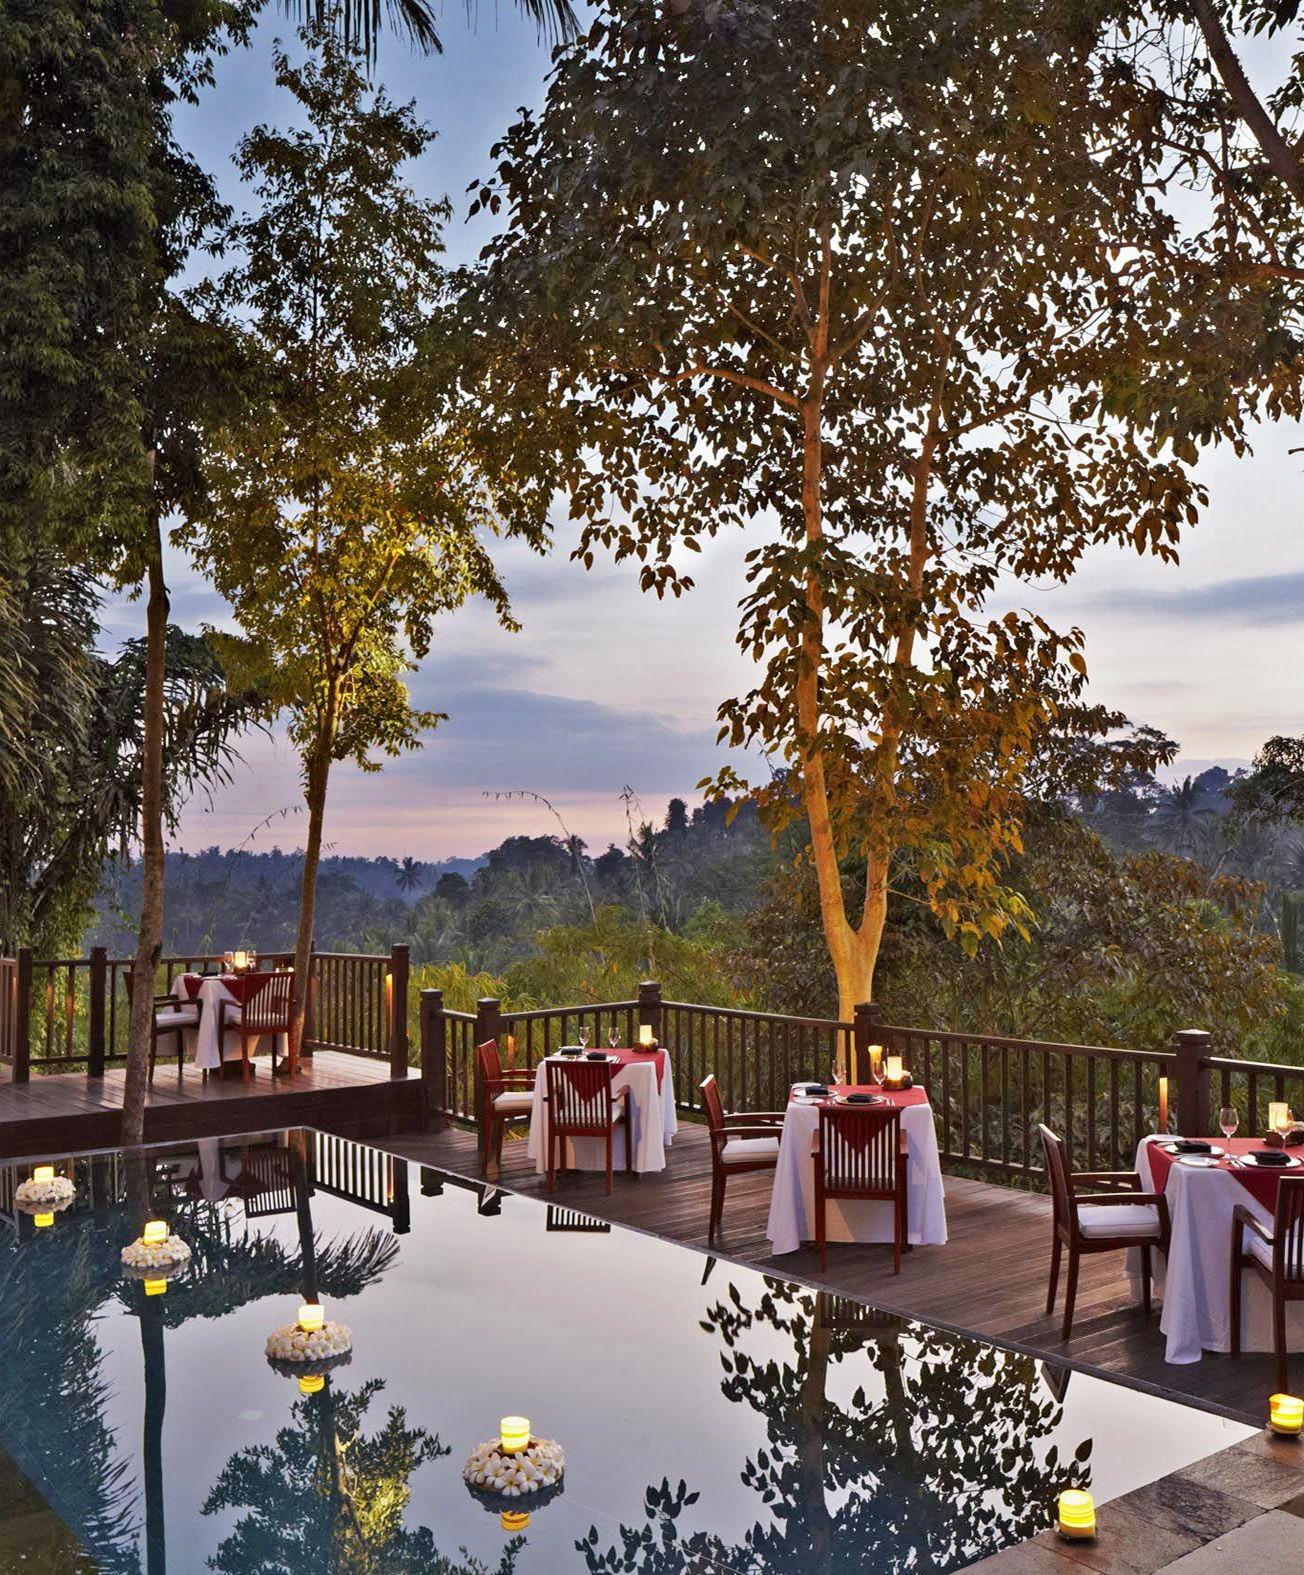 Kayumanis Private Villa Spa Ubud Luxury Hotel Review By Travelplusstyle Ubud Hotels Luxury Hotels Bali Ubud Bali Hotels